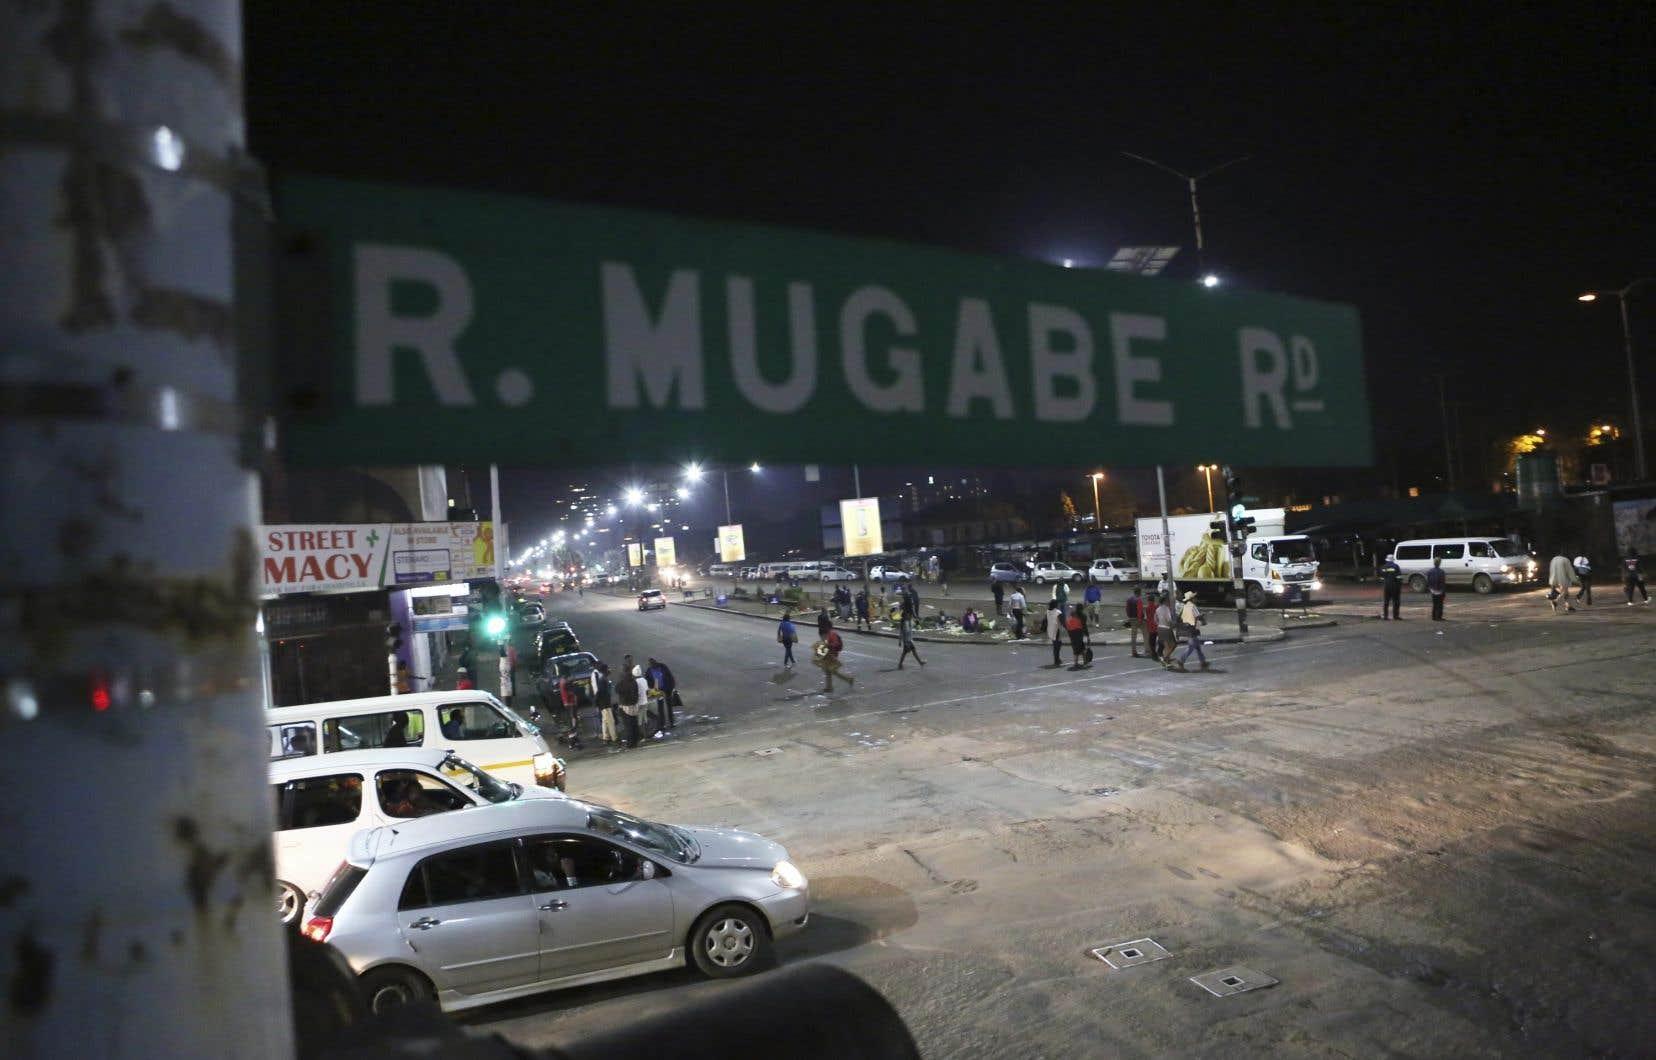 Une rue de la capitale Harare, mardi soir. Des véhicules militaires ont été aperçus dans les rues de la ville, tôt mercredi.